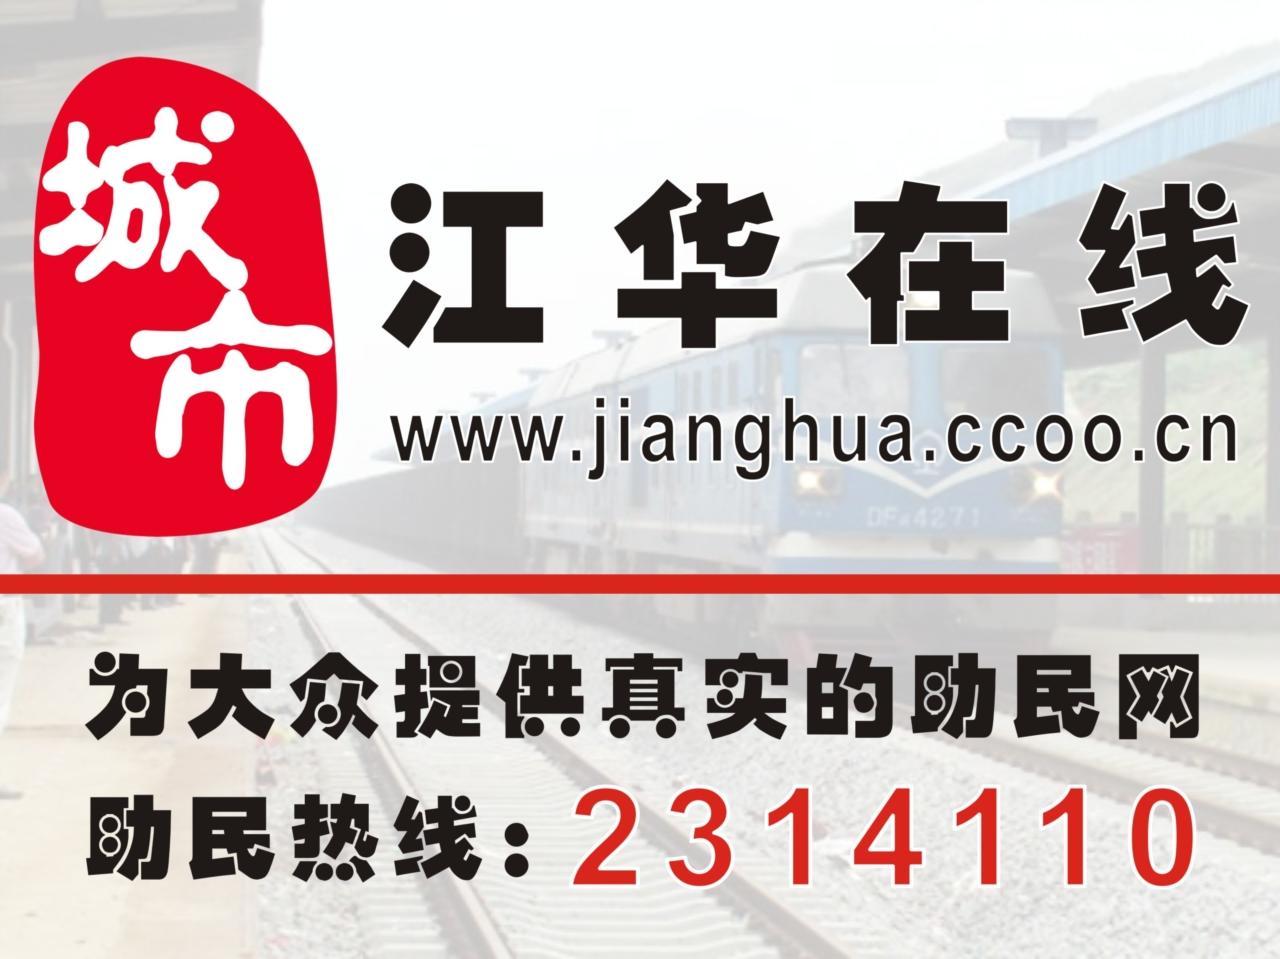 欢迎江华全城人民入驻江华在线打造江华信息最全的官方本地网